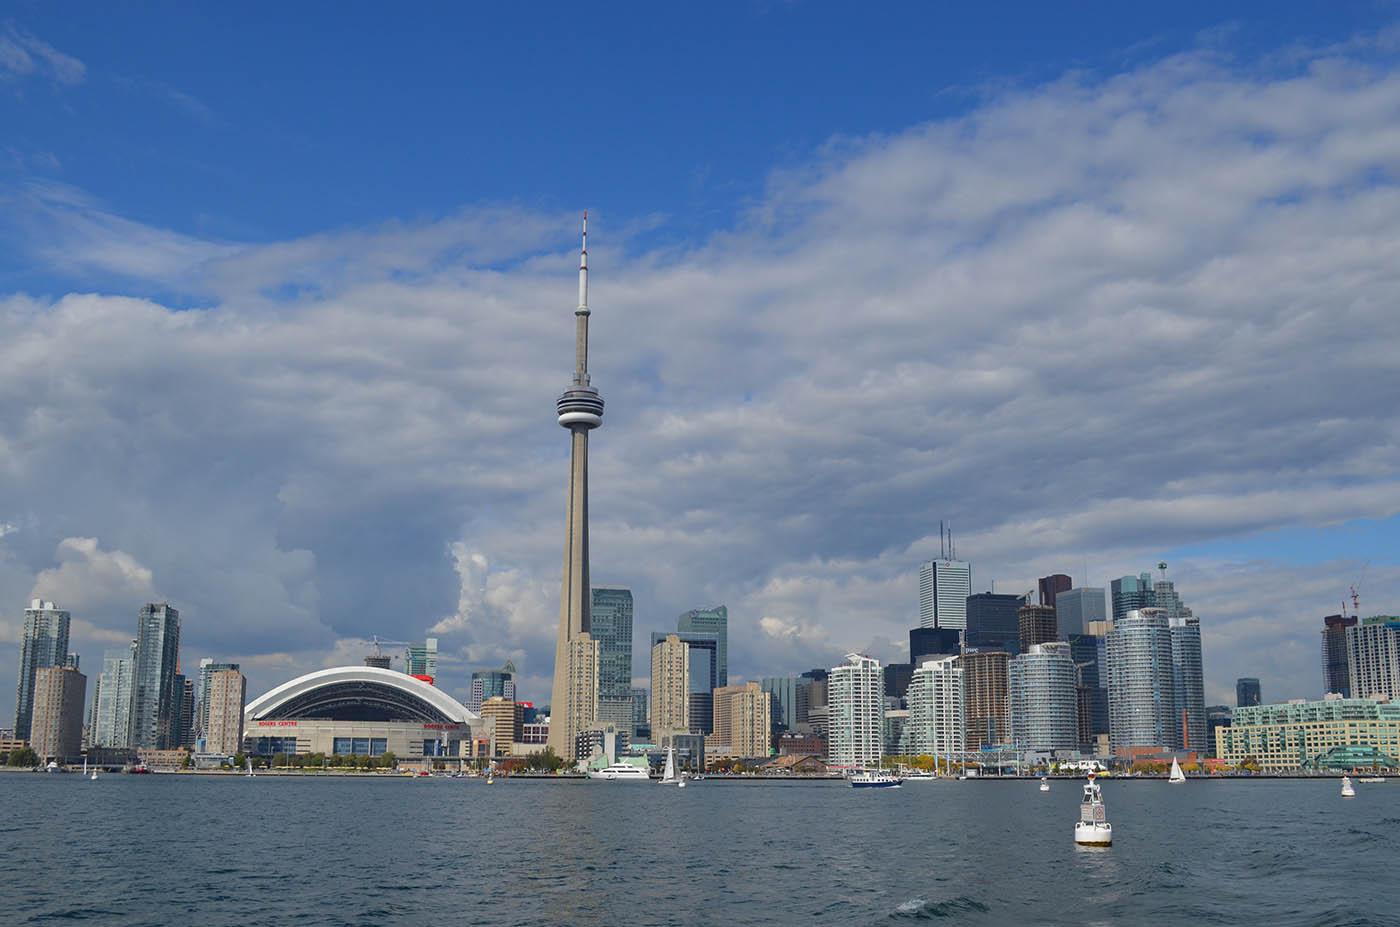 azijski izlazi iz Toronta izlazi iz kutanskog porculana